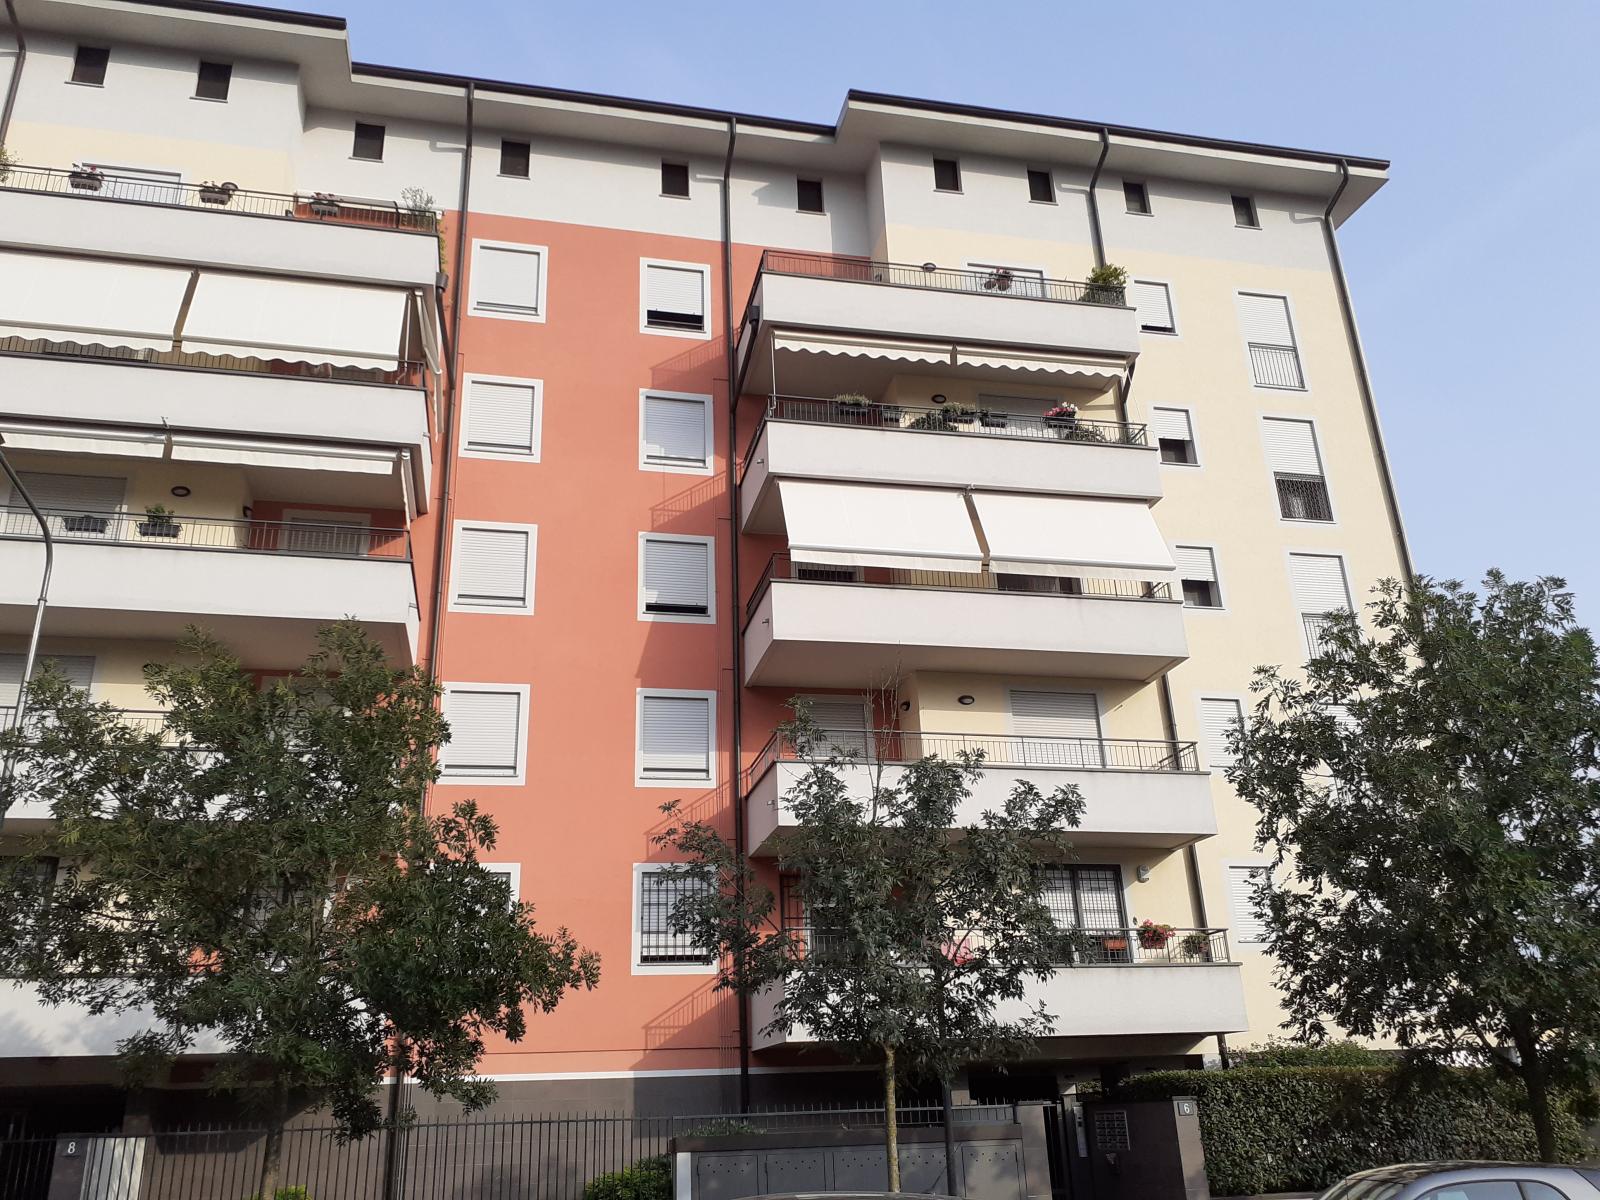 appartamento-open-space-milano-via-broggini-baggio-spaziourbano-immobiliare-vende-22